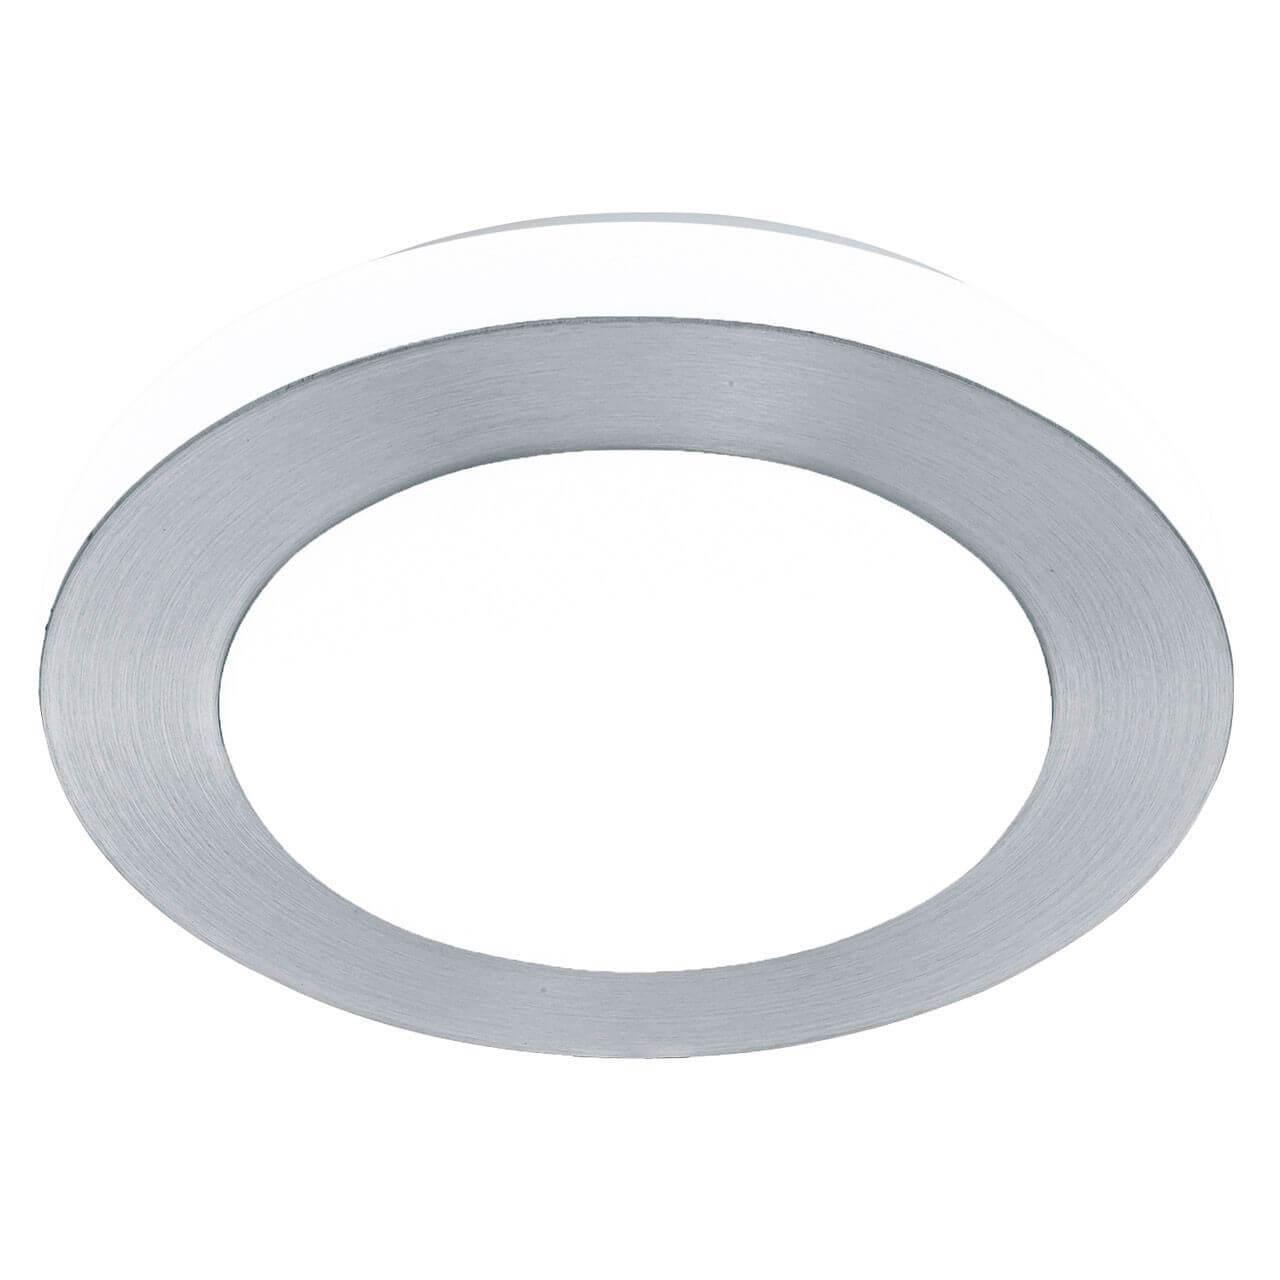 Настенно-потолочный светильник Eglo 94967, белый настенно потолочный светильник eglo 83155 белый